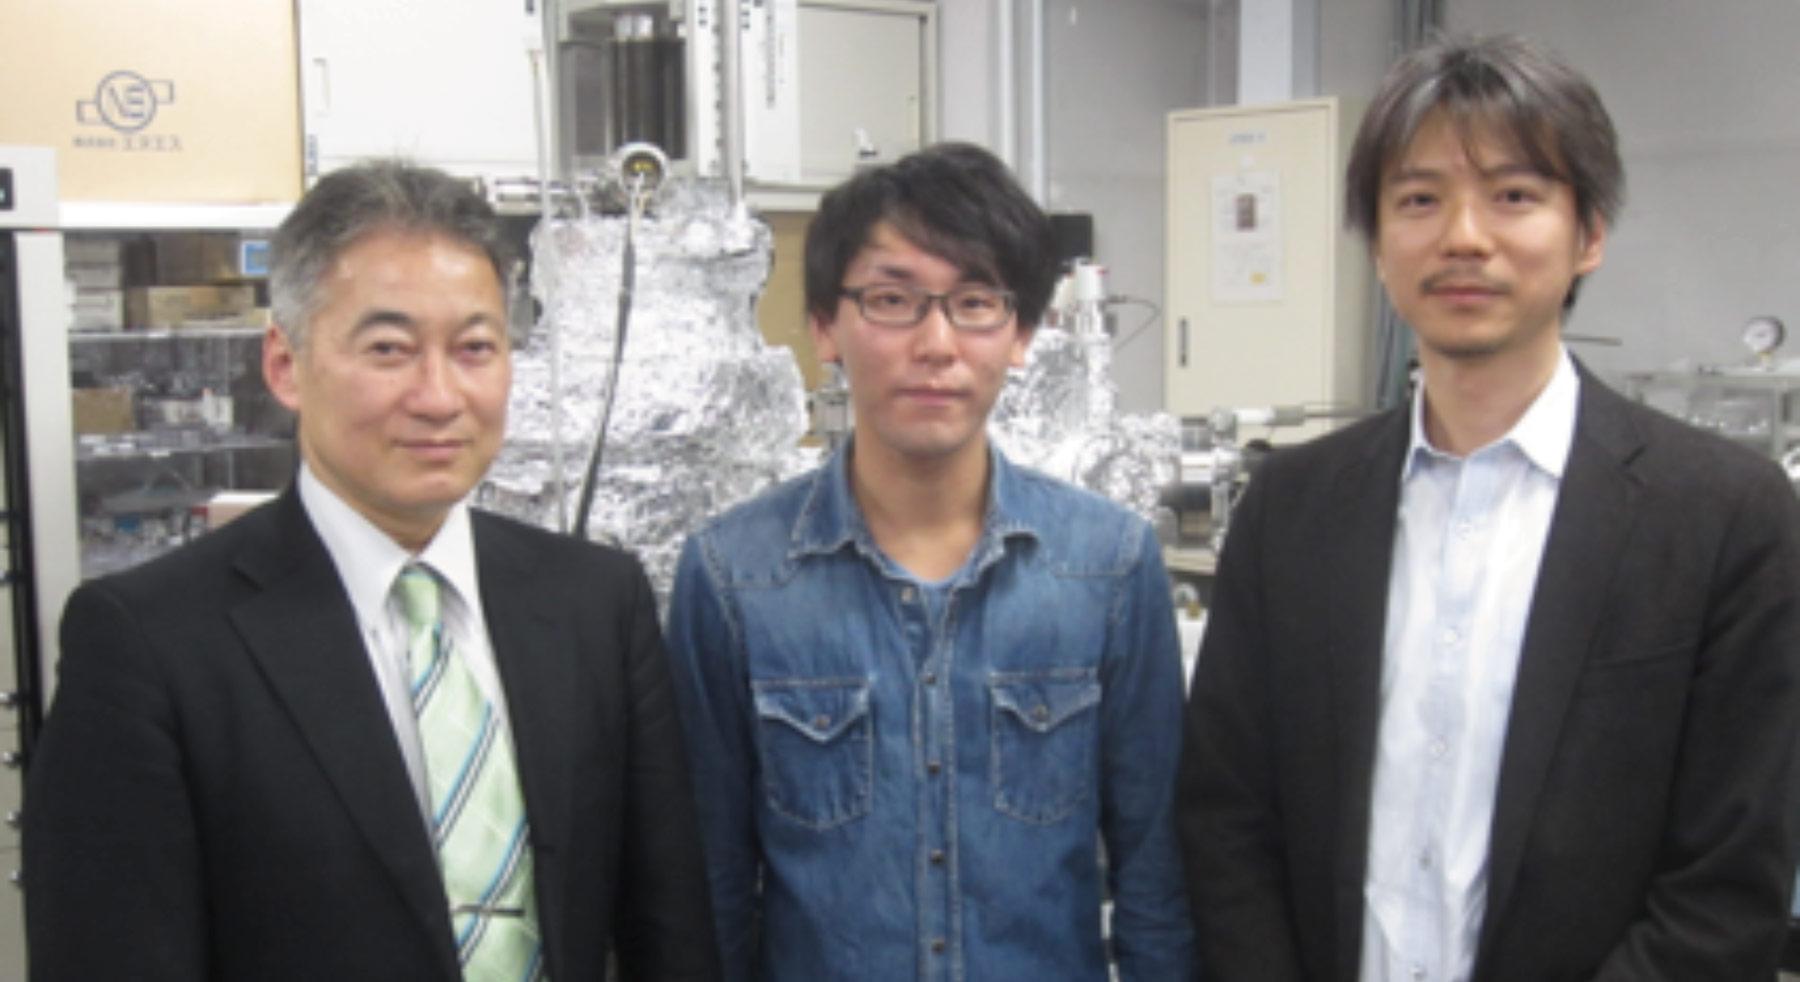 右から、東京大学大学院工学系研究科准教授の千葉さん、大学院生の太田さん、村田製作所シニアプリンシパルリサーチャーの安藤さん